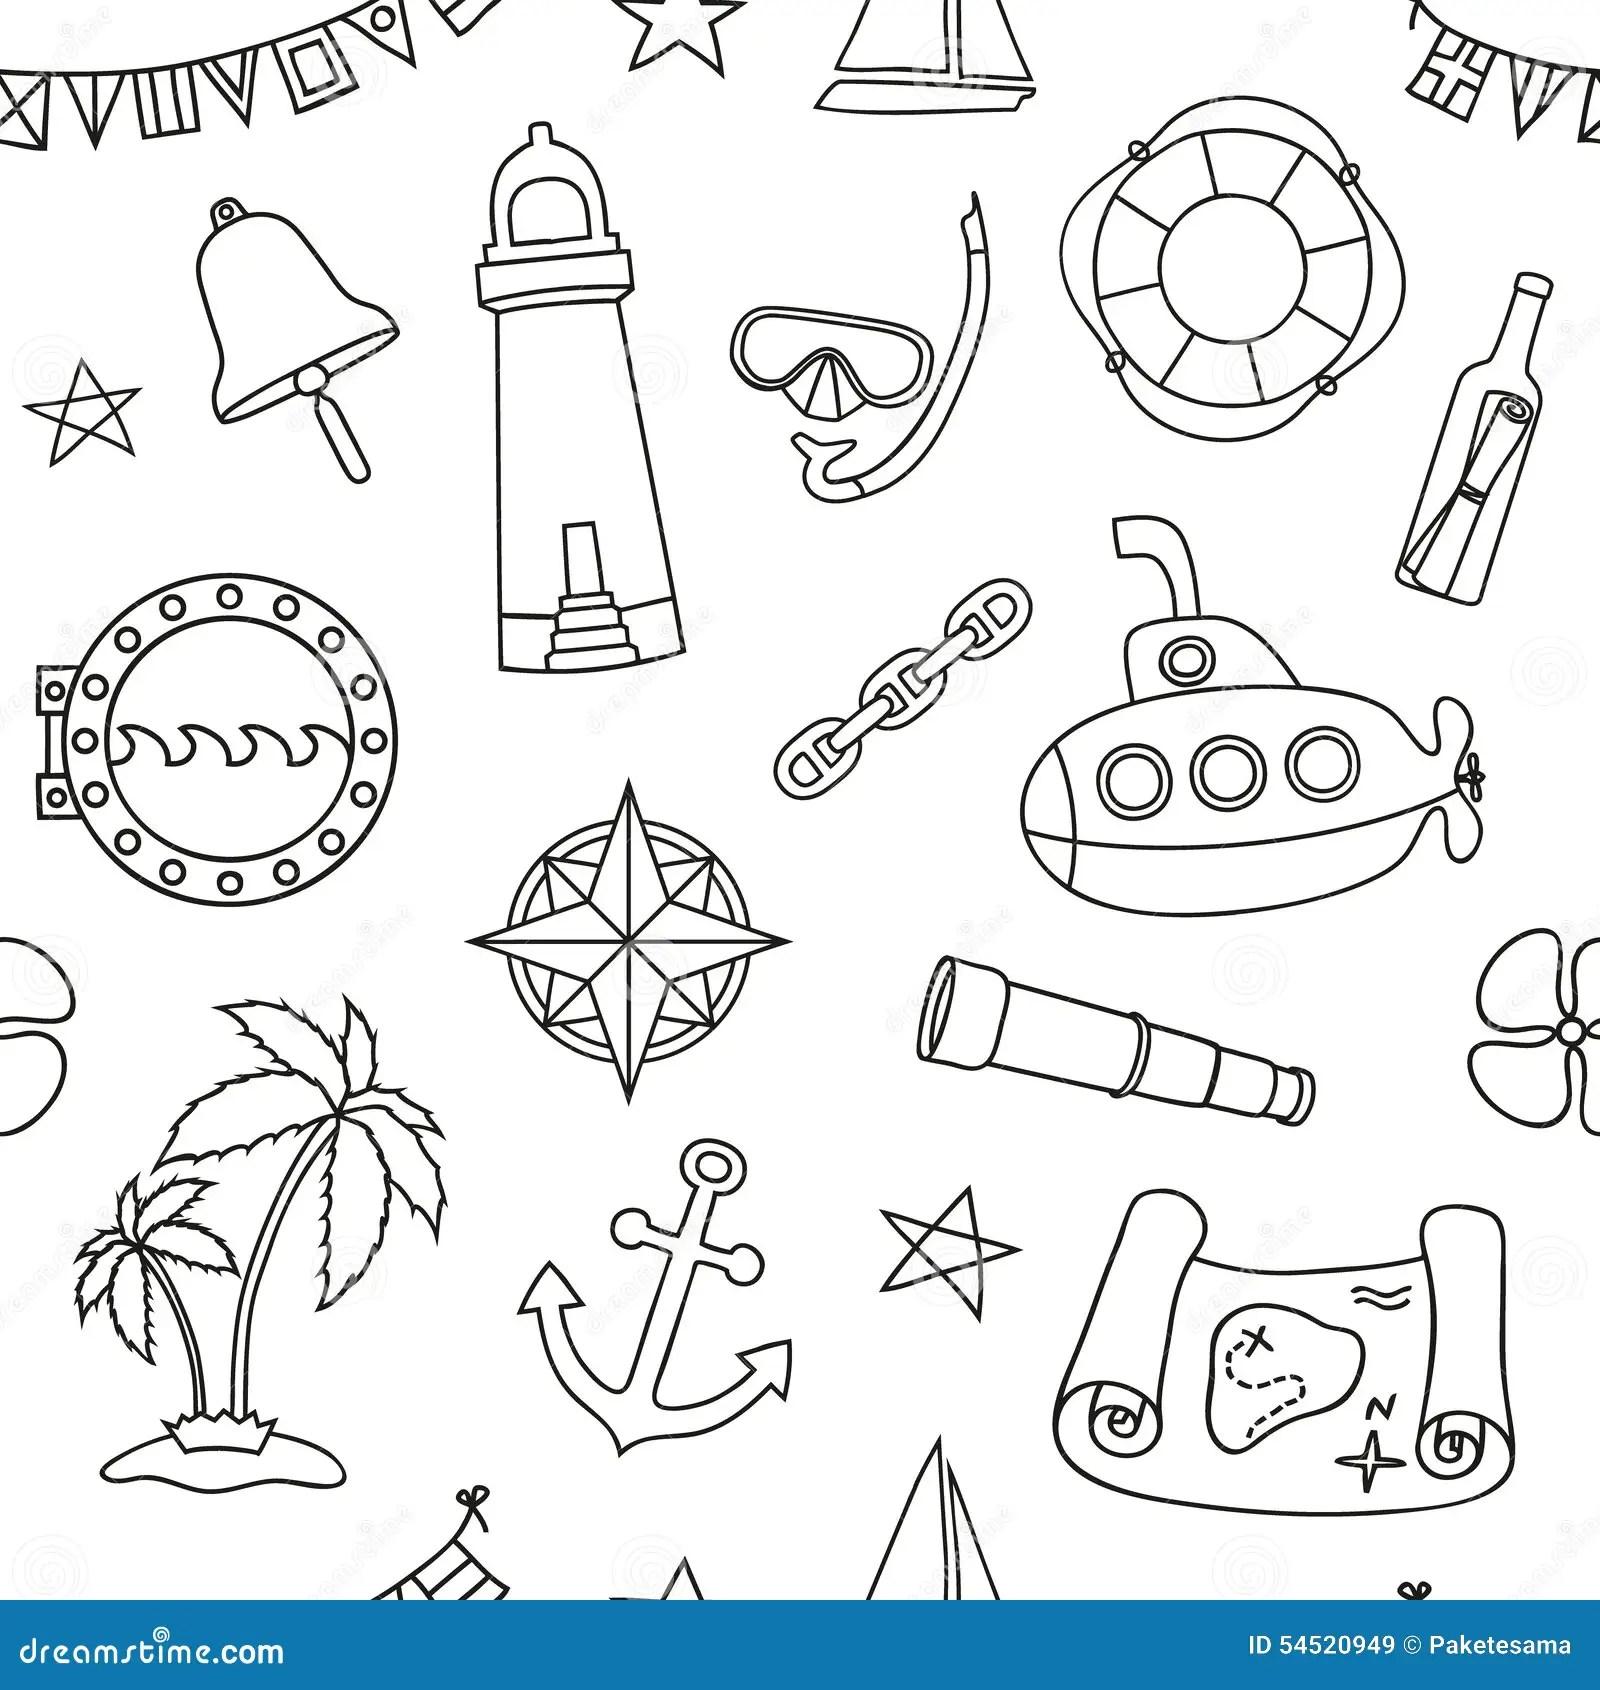 Web Page Art